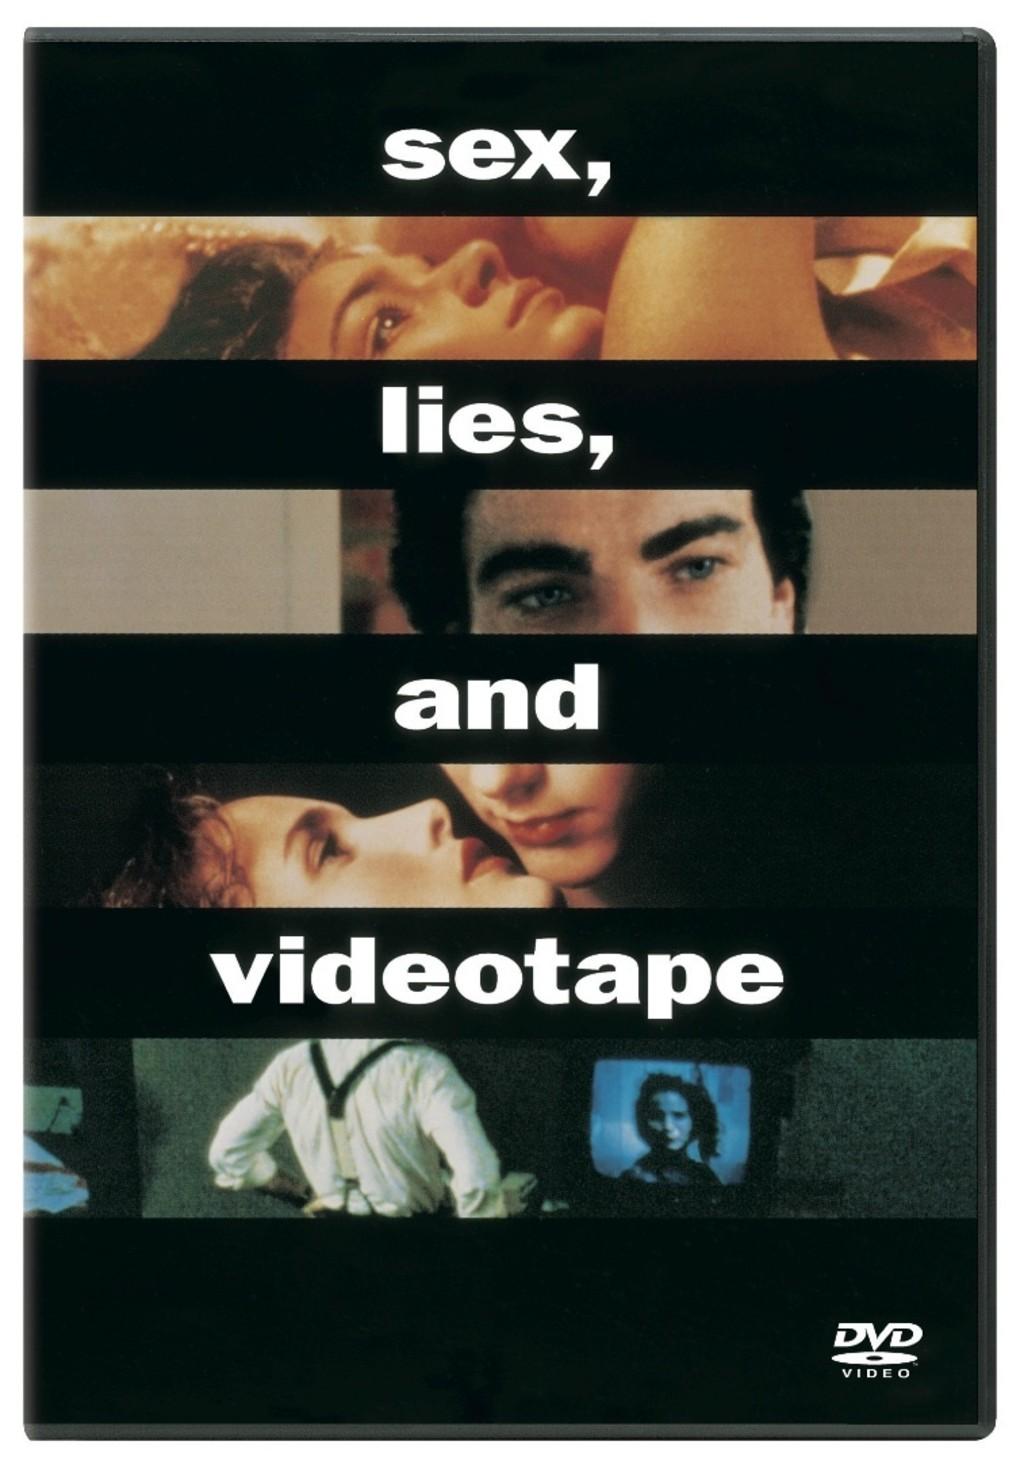 Watch sex lies and videotape